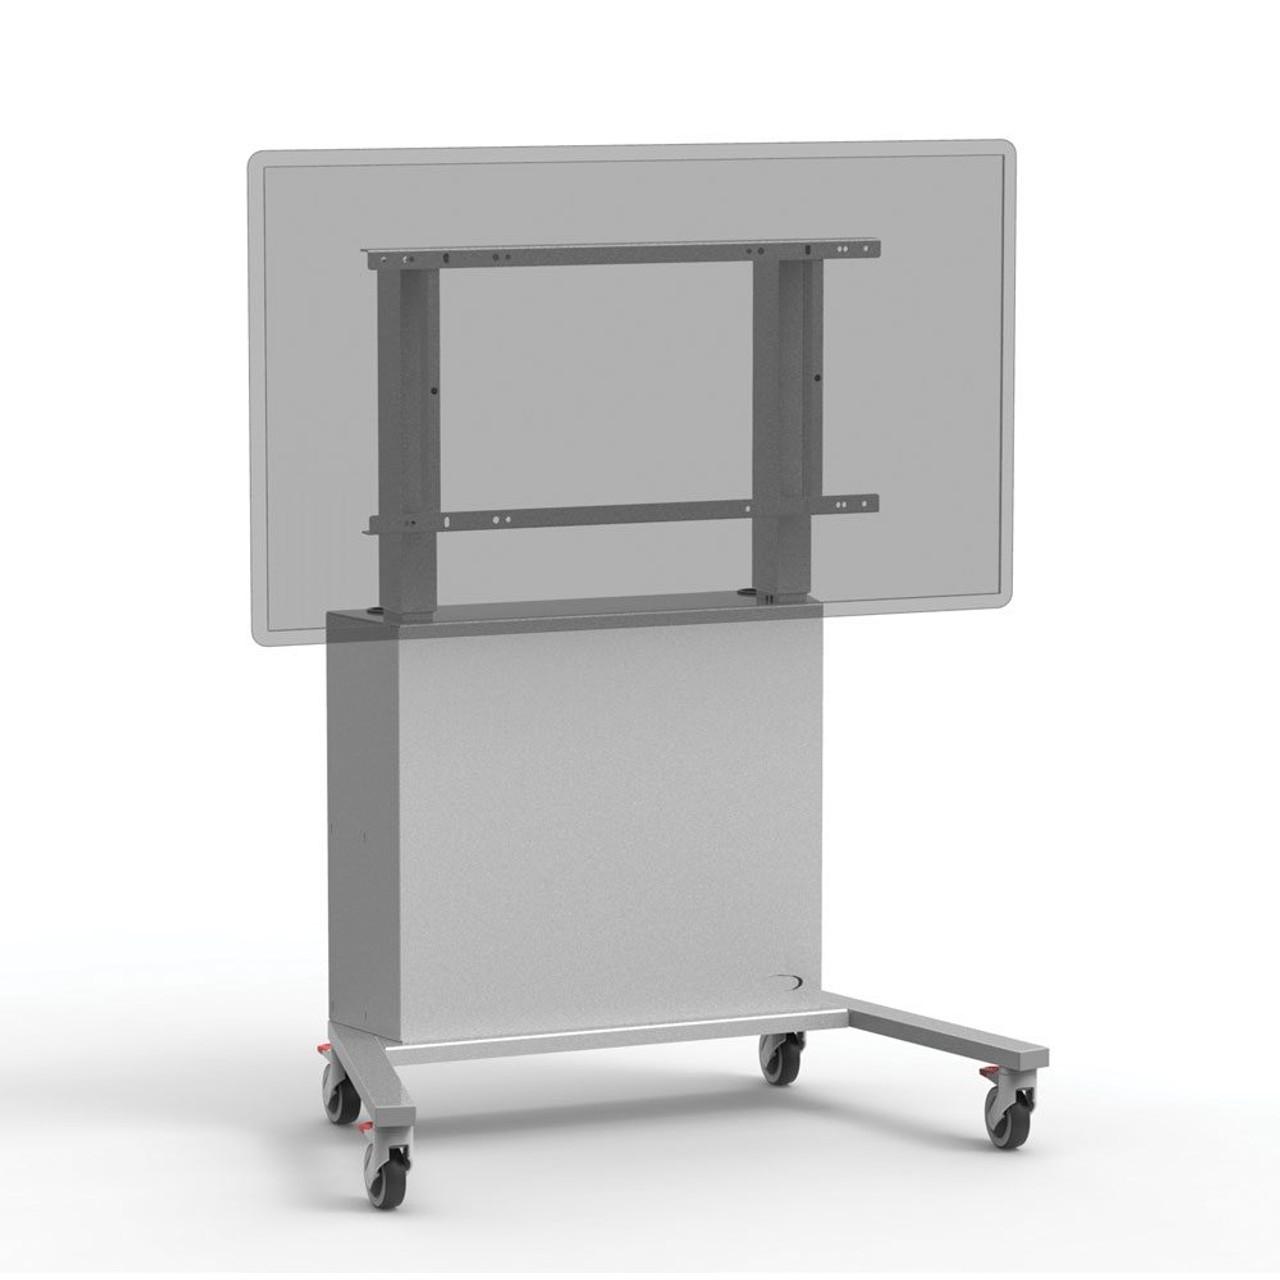 Mobile Stand para pantallas interactivas eScreen (Precio en dolares)